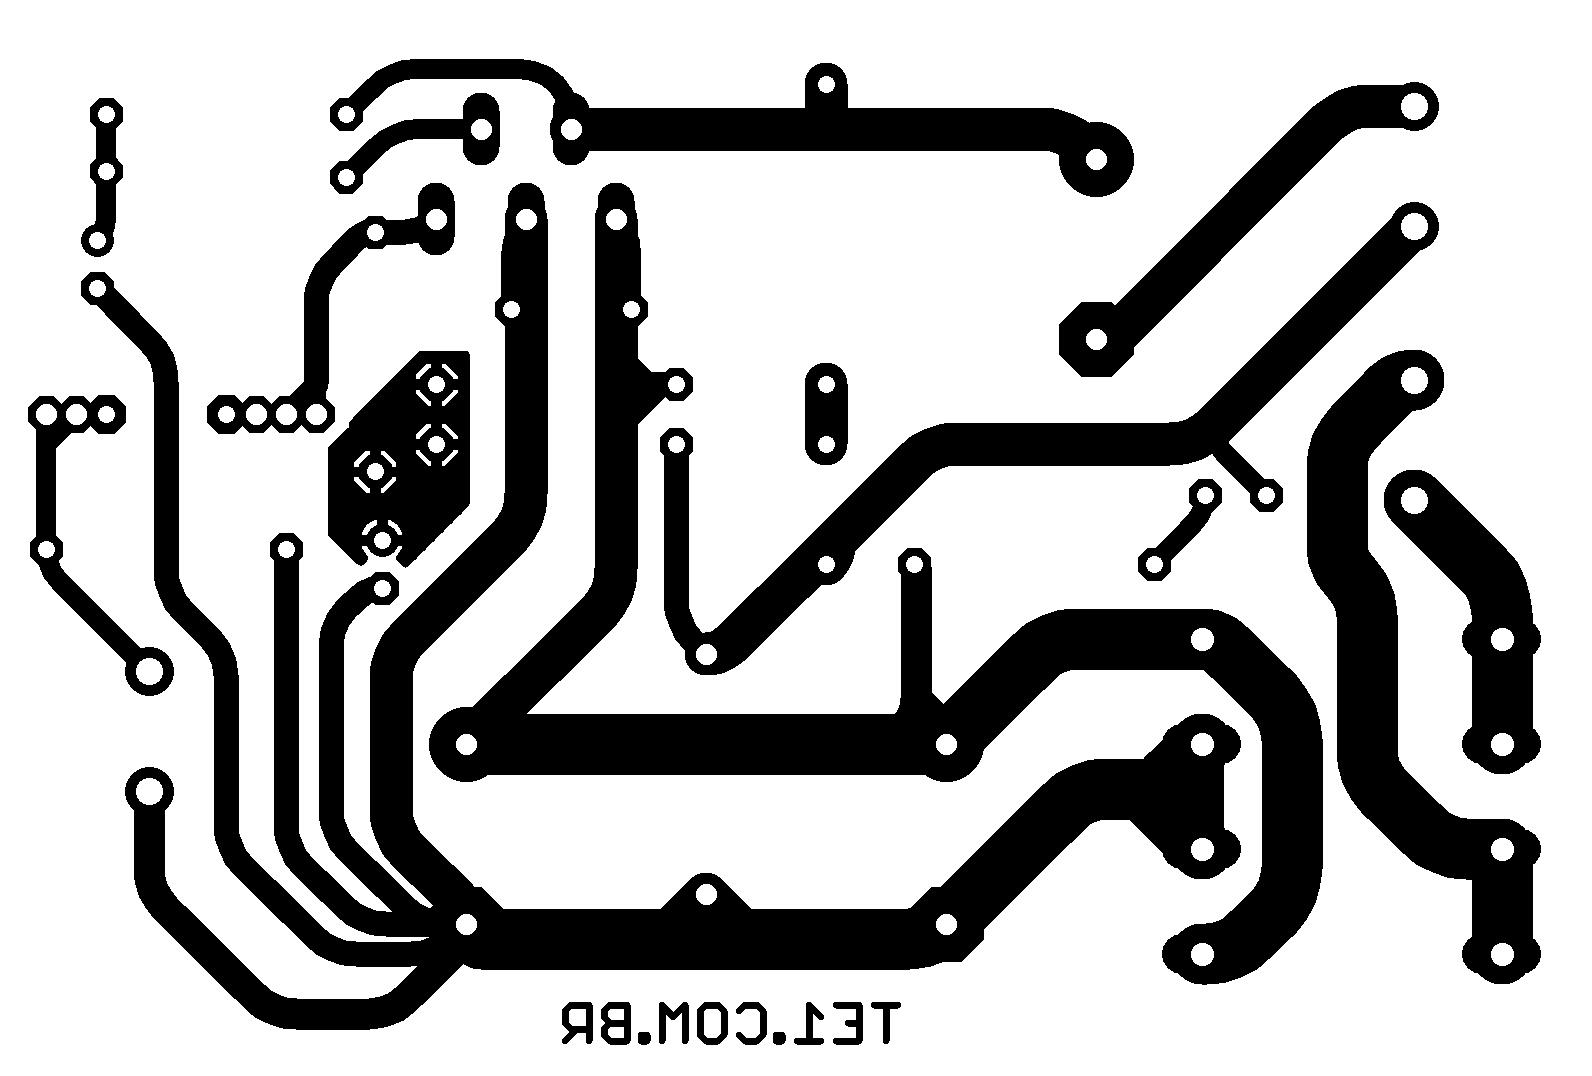 lm1875 pcb amplificador Circuito de amplificador de potência de com CI LM1875 Circuitos Áudio